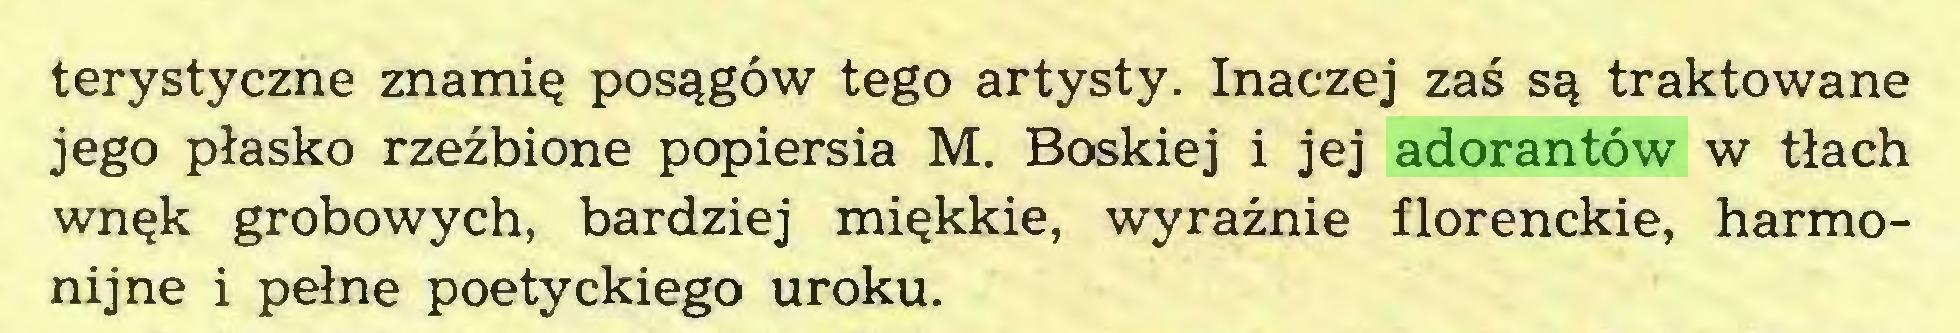 (...) terystyczne znamię posągów tego artysty. Inaczej zaś są traktowane jego płasko rzeźbione popiersia M. Boskiej i jej adorantów w tłach wnęk grobowych, bardziej miękkie, wyraźnie florenckie, harmonijne i pełne poetyckiego uroku...